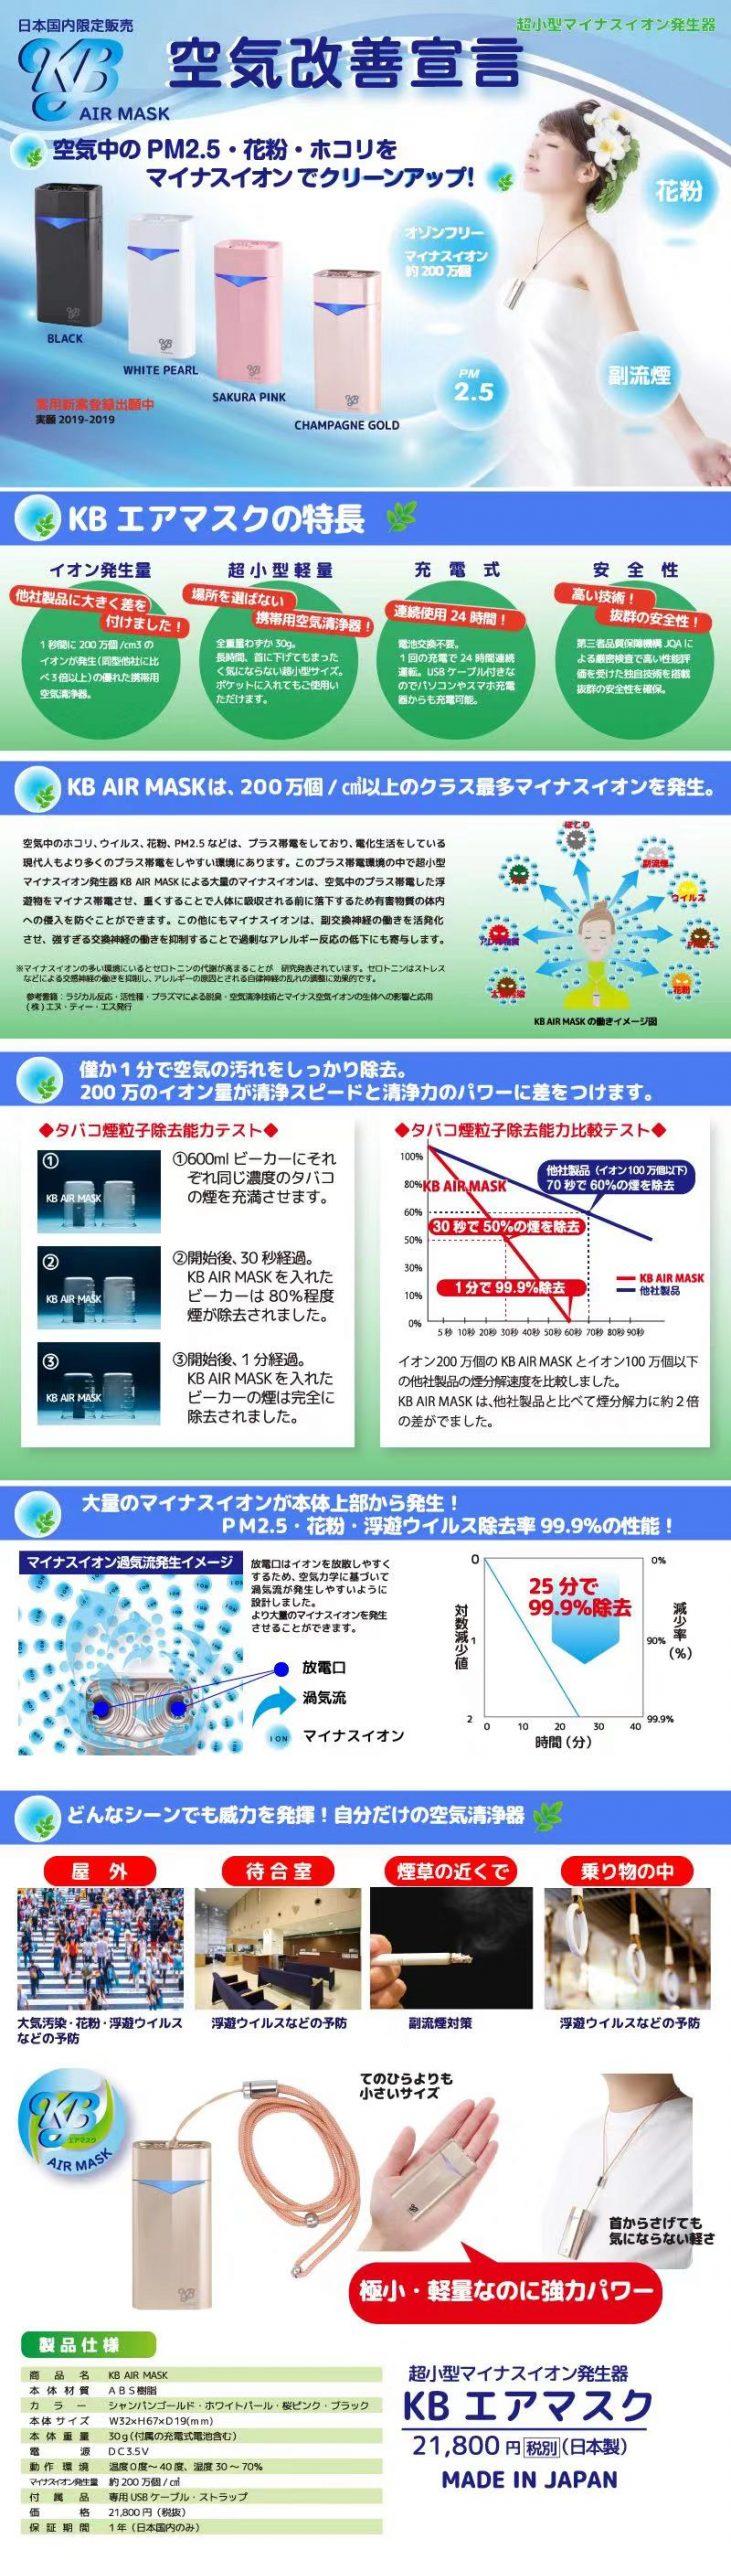 日本 KB Air Mask 隨身空氣清淨機 (KB Air Mask Portable Air Purifier)